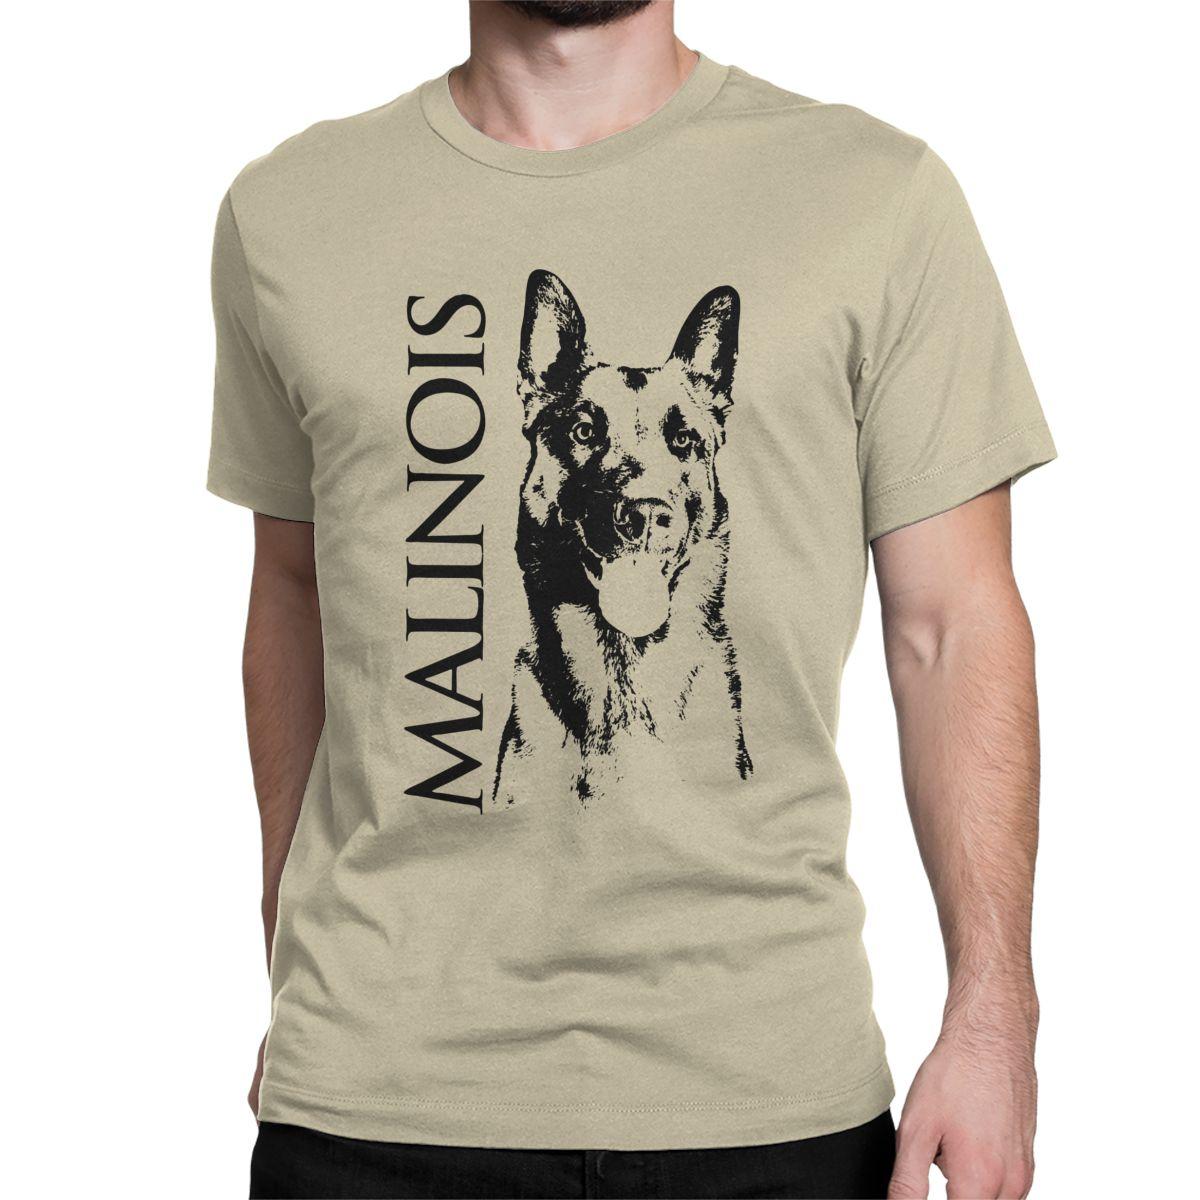 Malinois Dog Belgian Shepherd Mechelaar T Shirt Men's 100% Cotton Novelty T-Shirt O Neck Tee Shirt Short Sleeve Clothing 5XL 6XL